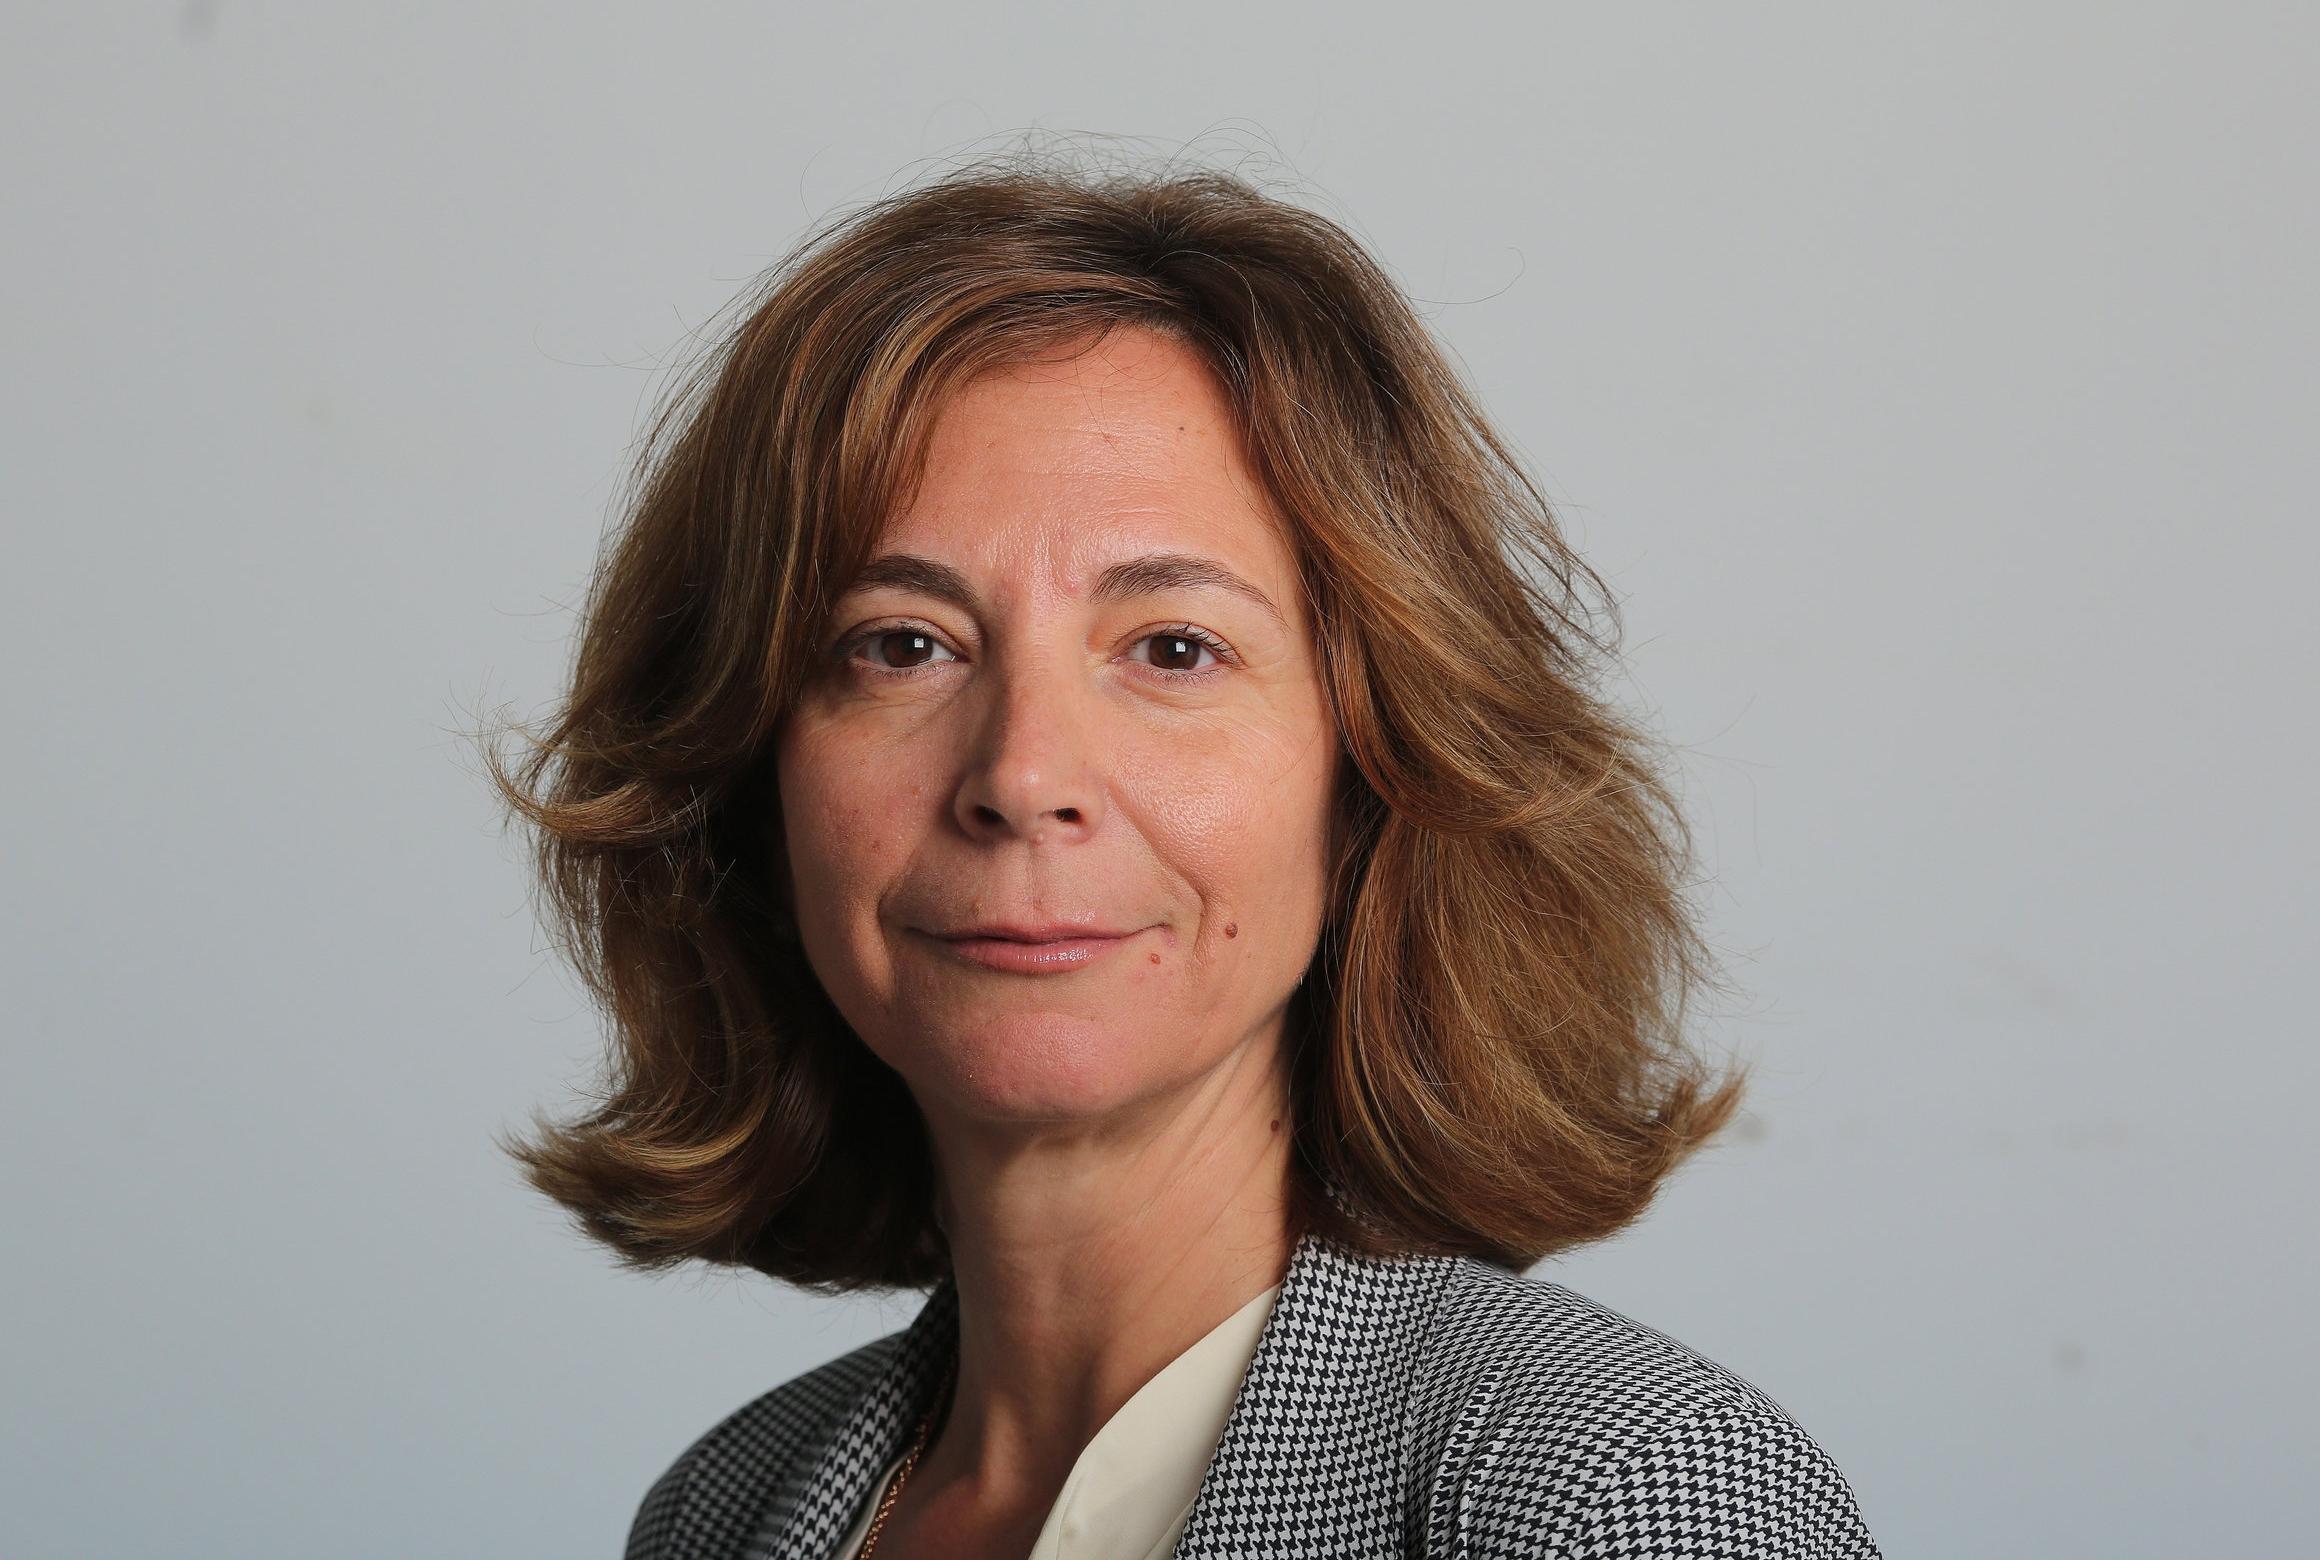 Roula Khalaf